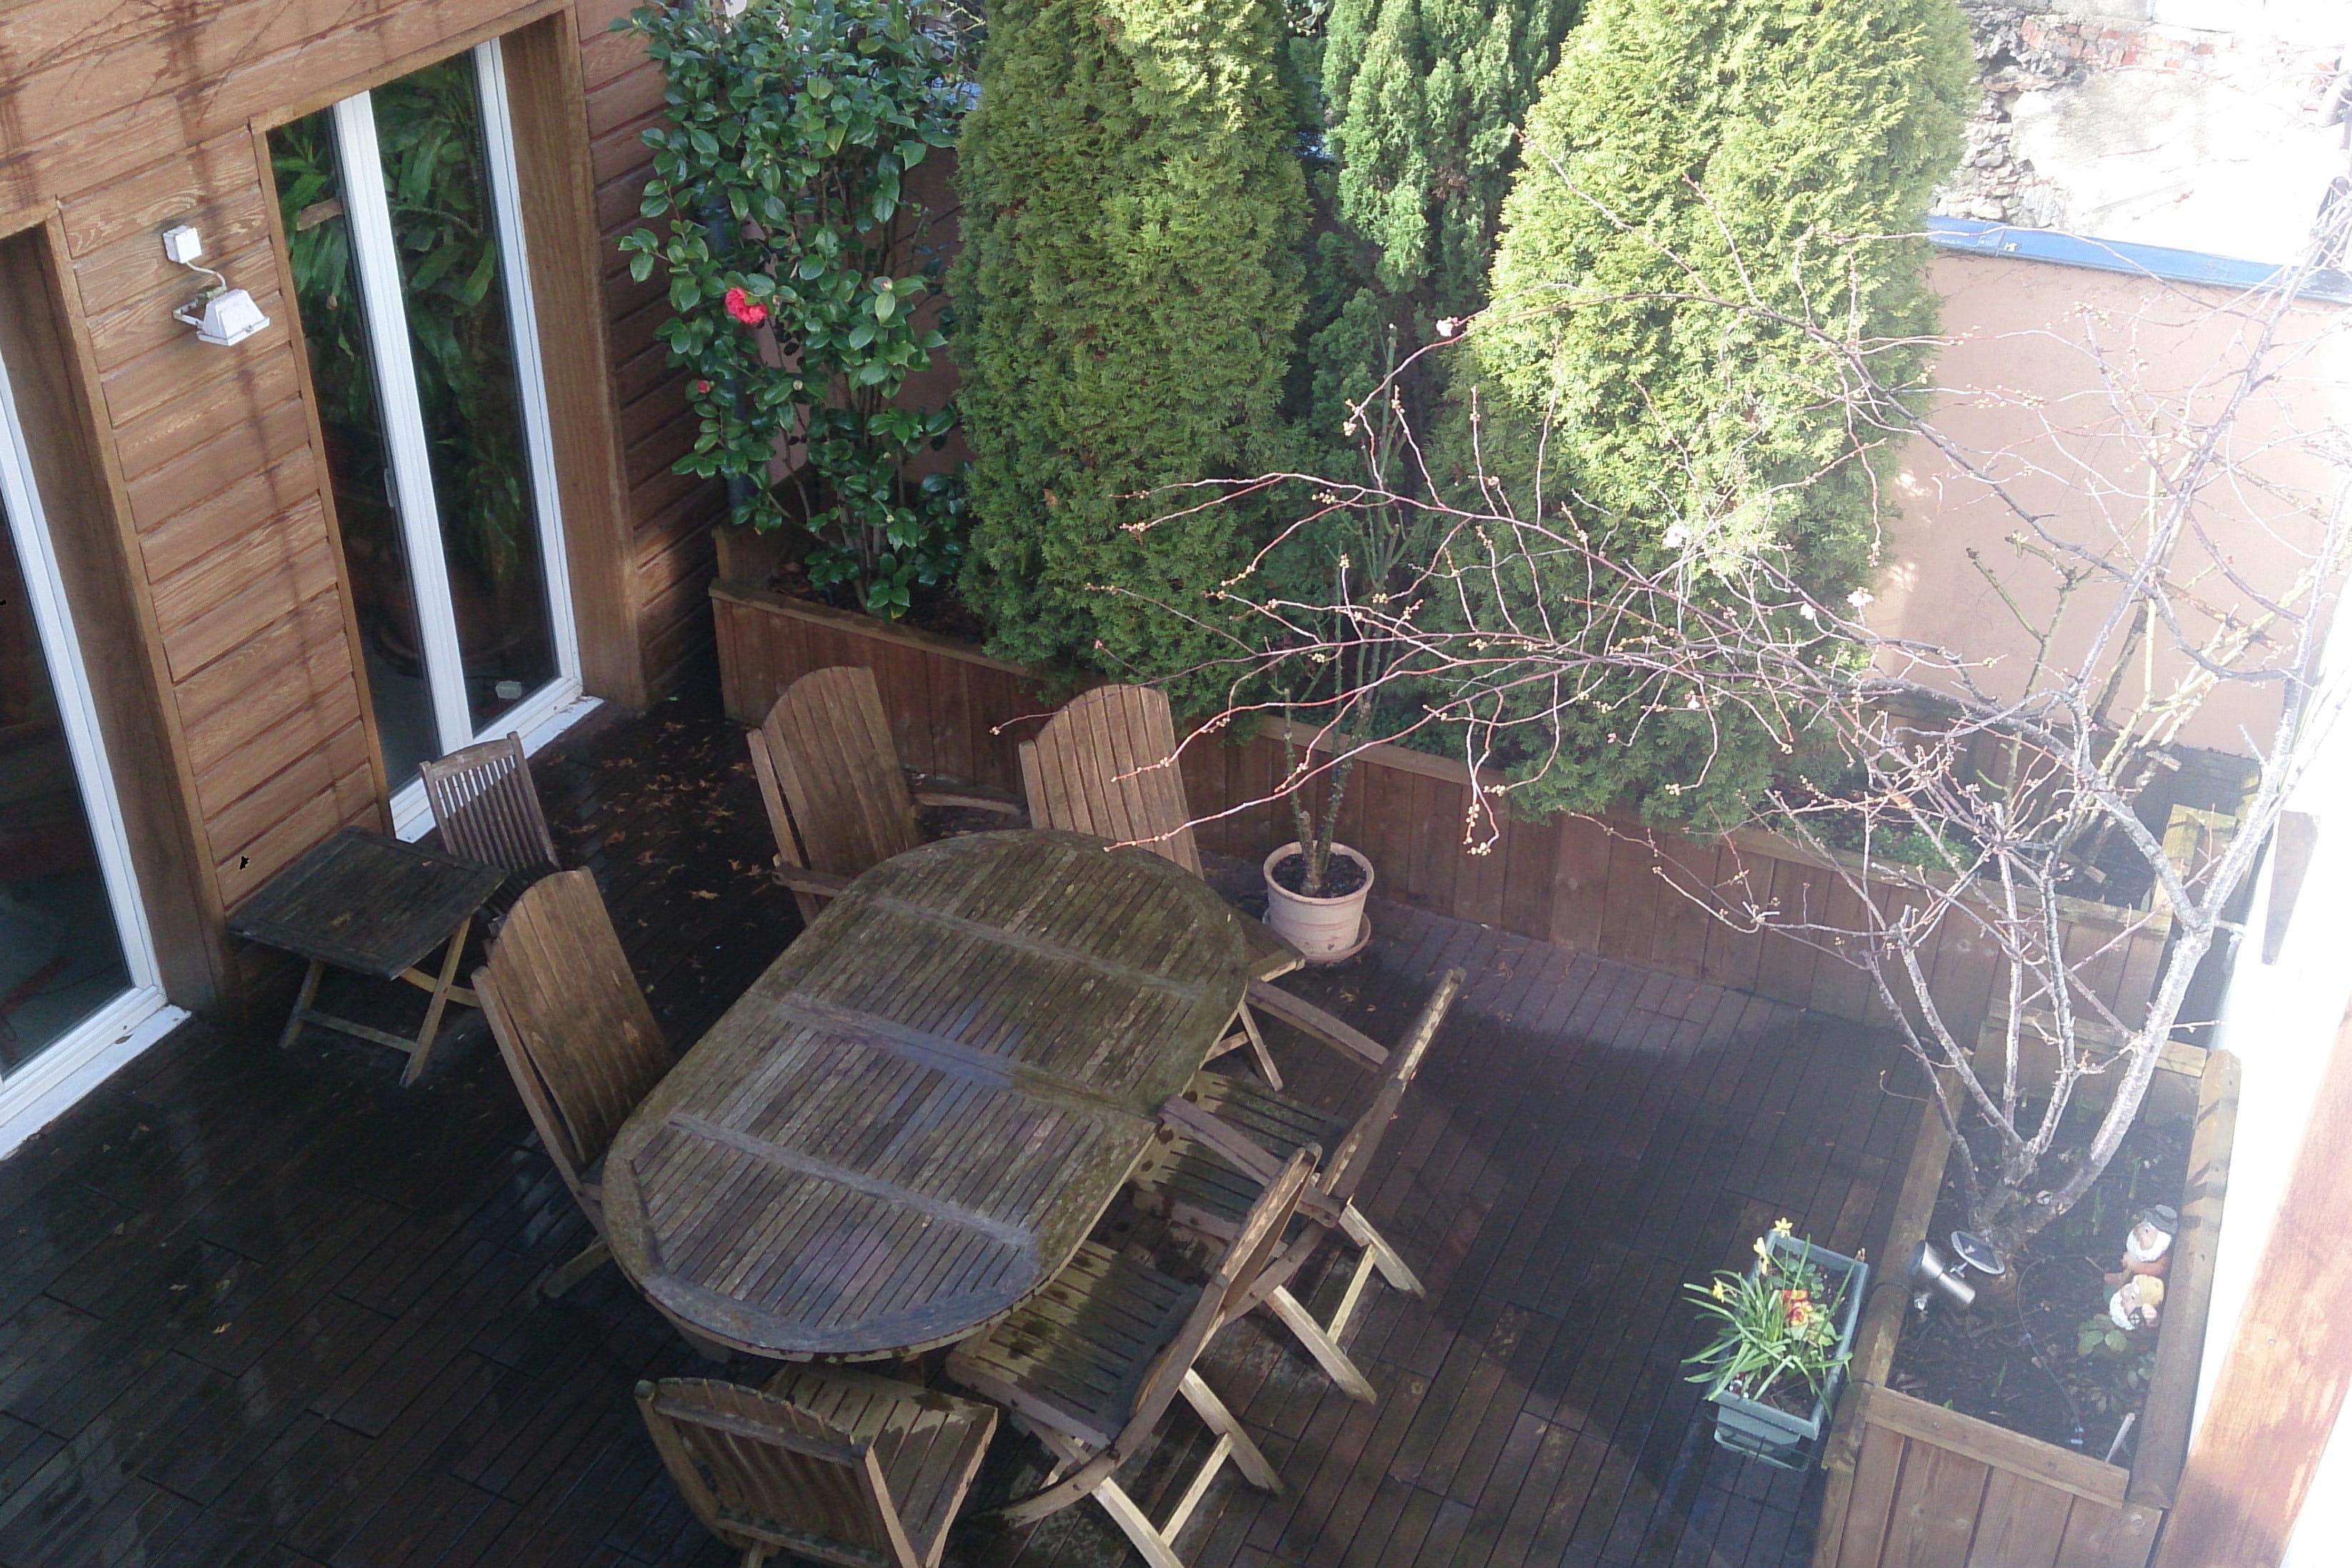 bois  Avantaprès  une terrasse transformée en jardin japonais